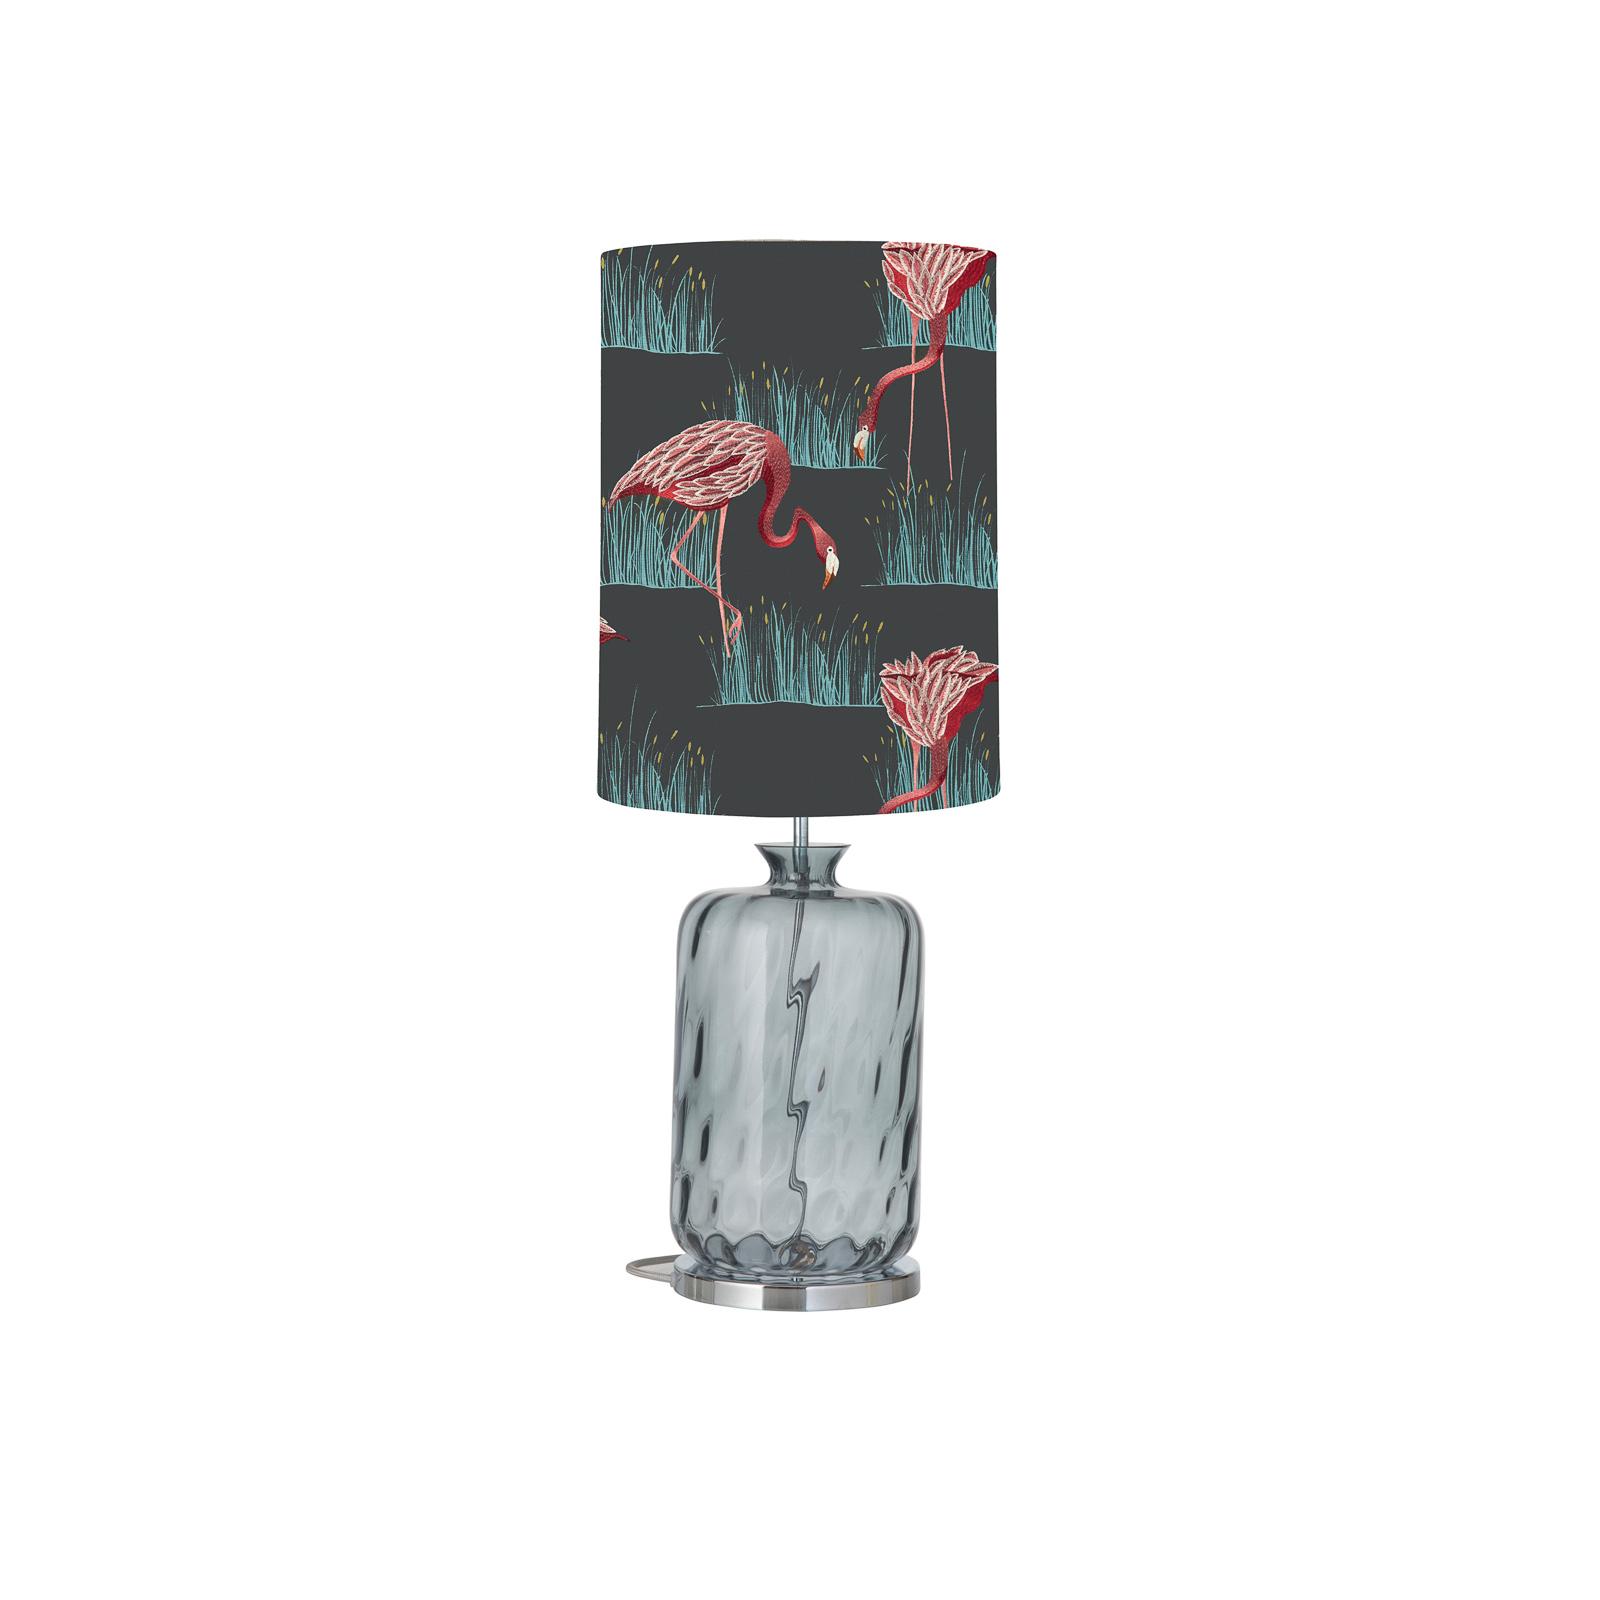 EBB & FLOW Pillar lampa stołowa, Salinas azelea